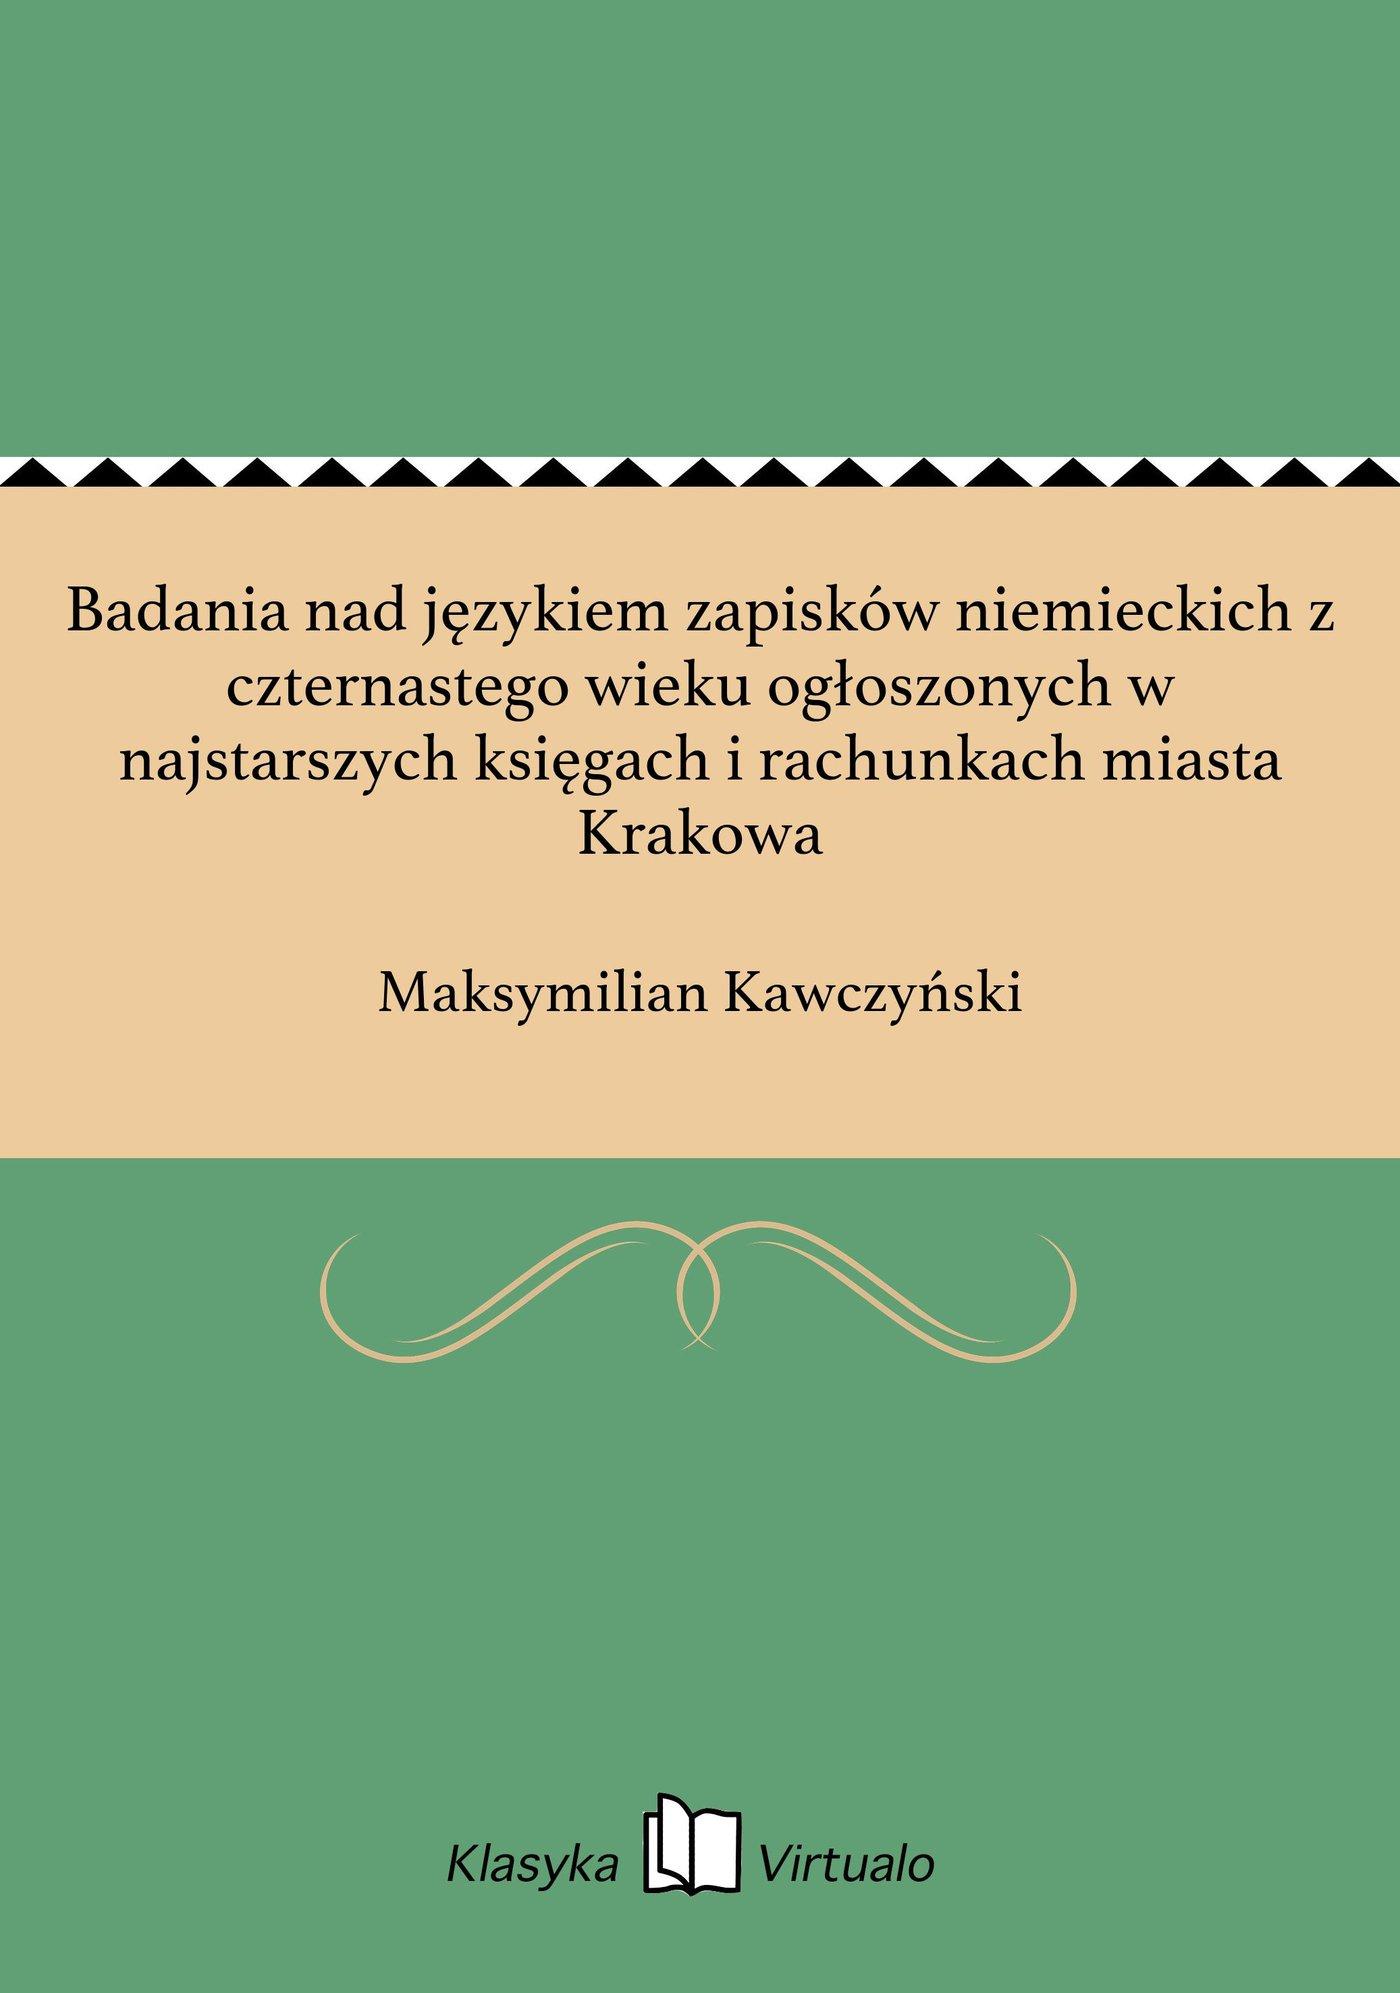 Badania nad językiem zapisków niemieckich z czternastego wieku ogłoszonych w najstarszych księgach i rachunkach miasta Krakowa - Ebook (Książka EPUB) do pobrania w formacie EPUB